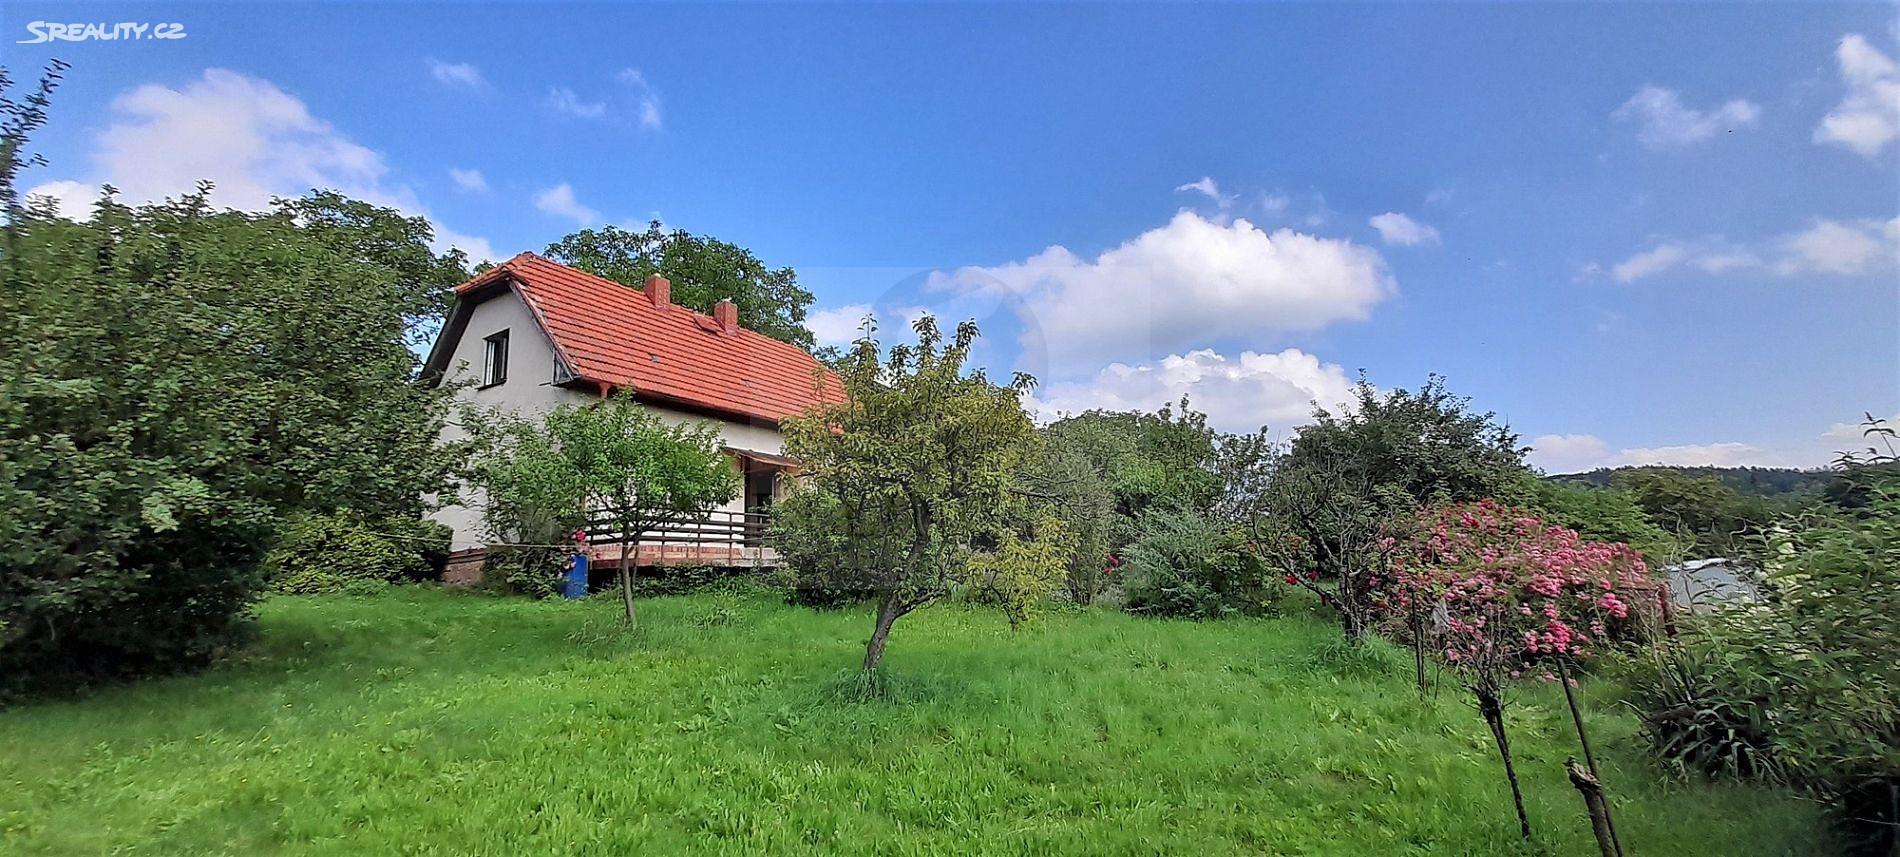 Prodej  rodinného domu 90m², pozemek 750m², Chocerady - Samechov, okres Benešov